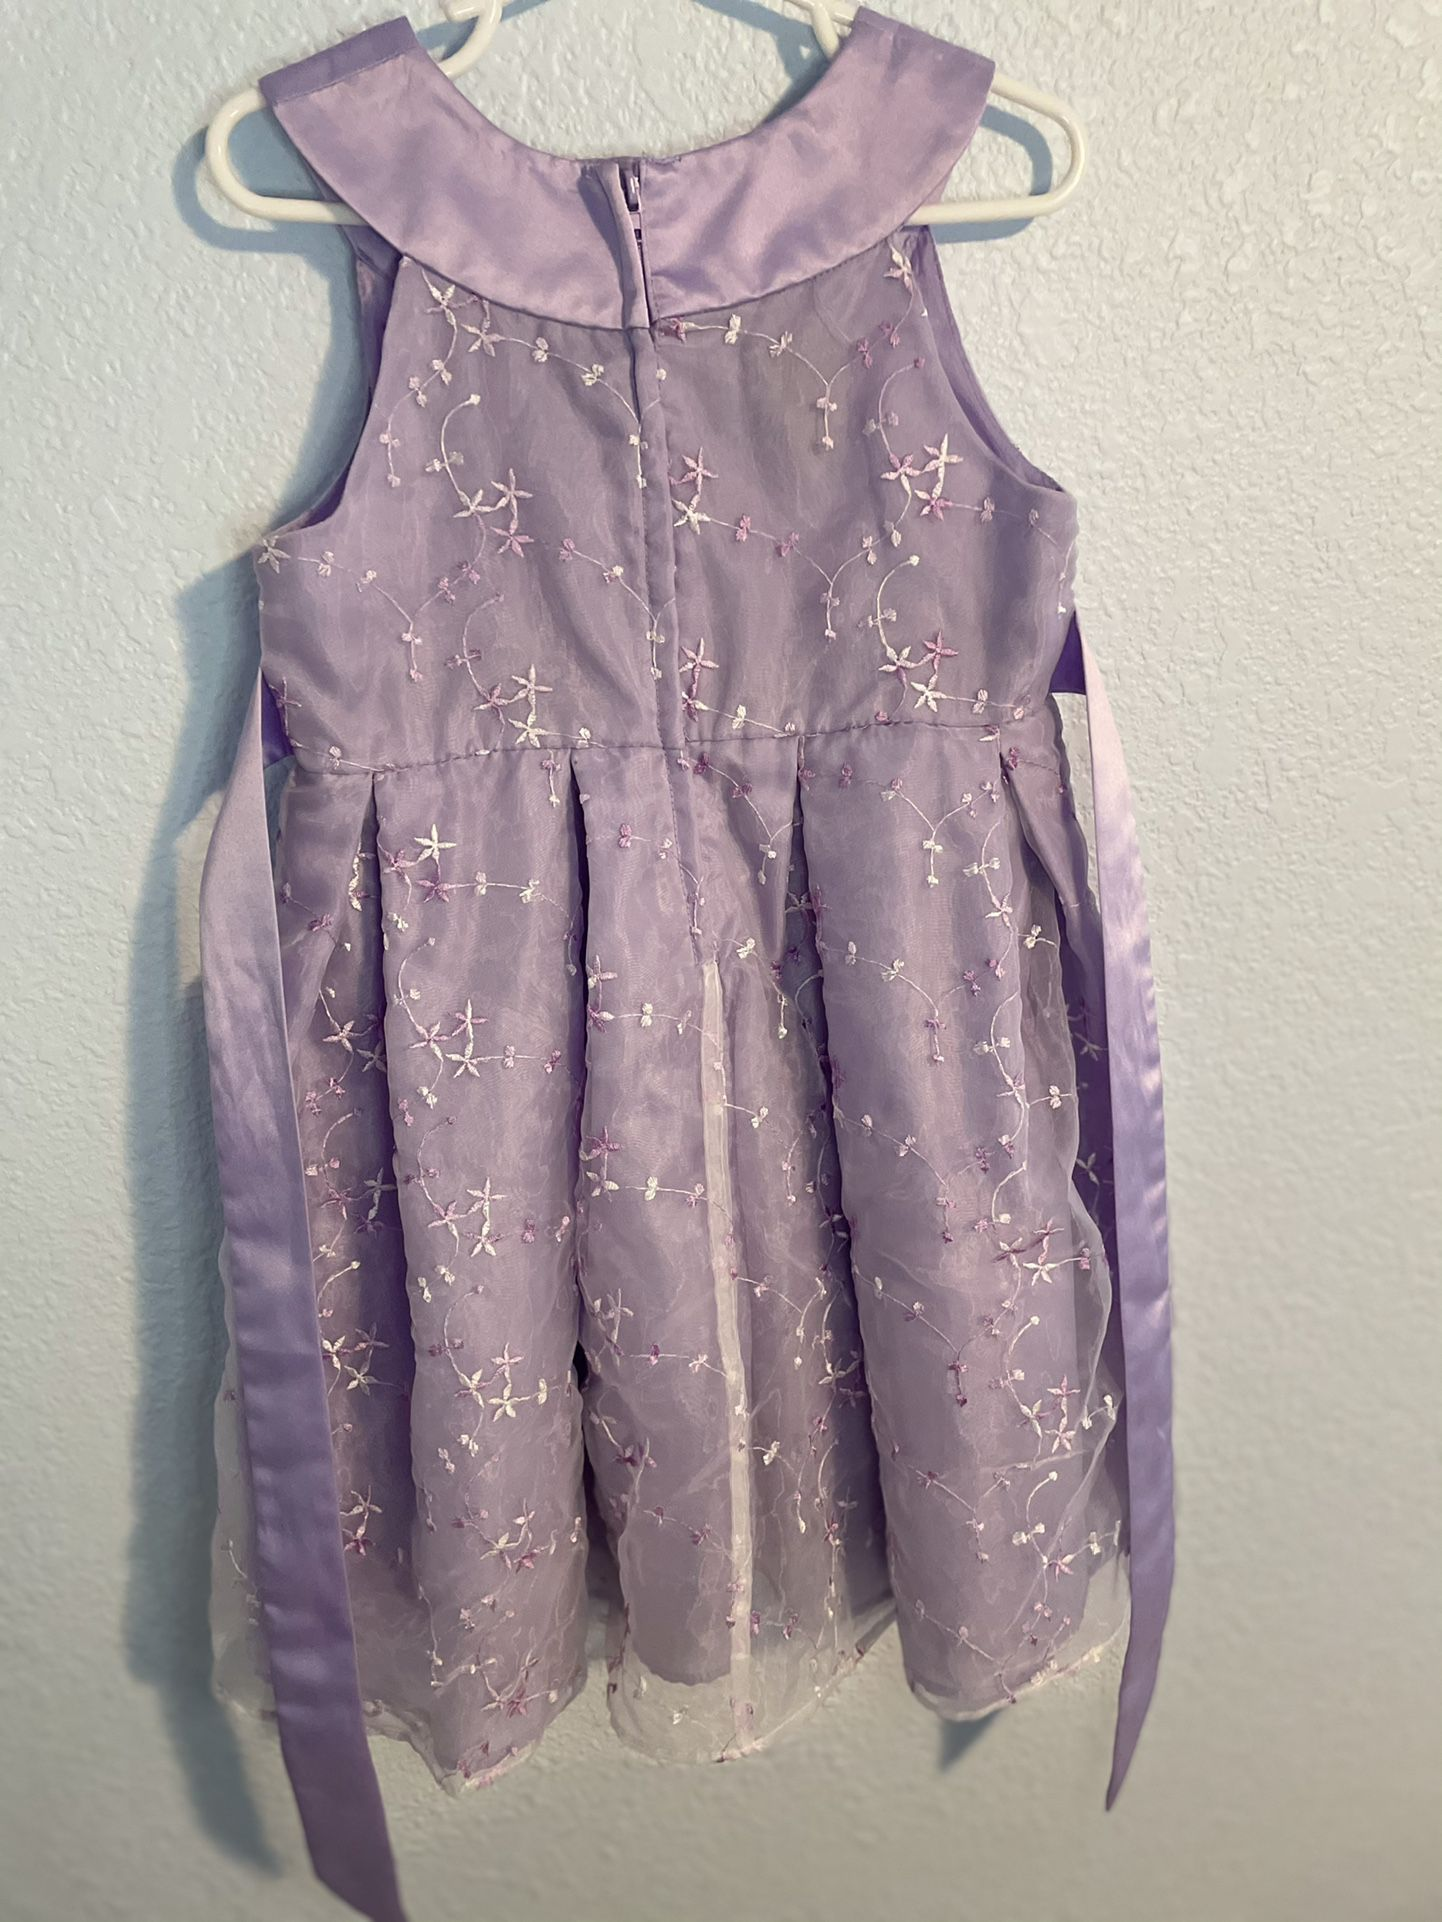 Lavender Spring Dress